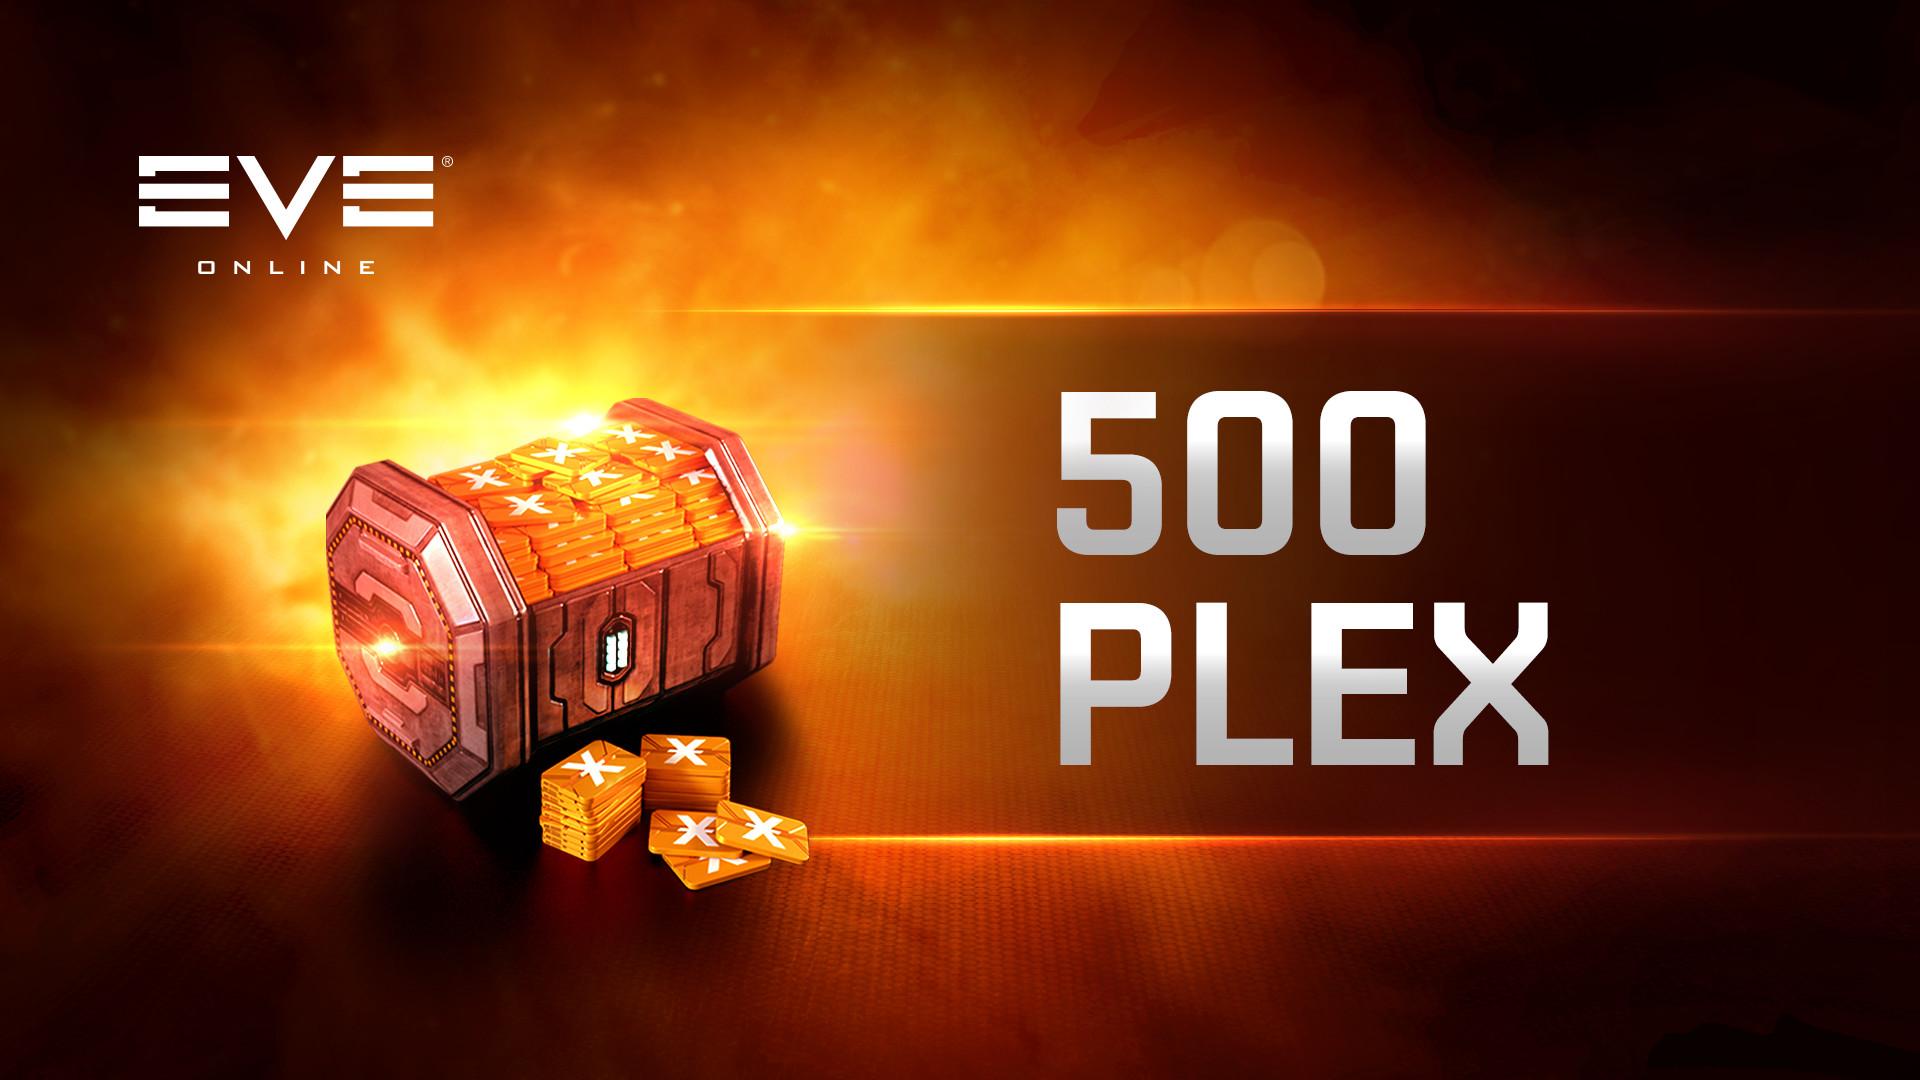 EVE Online: 500 PLEX